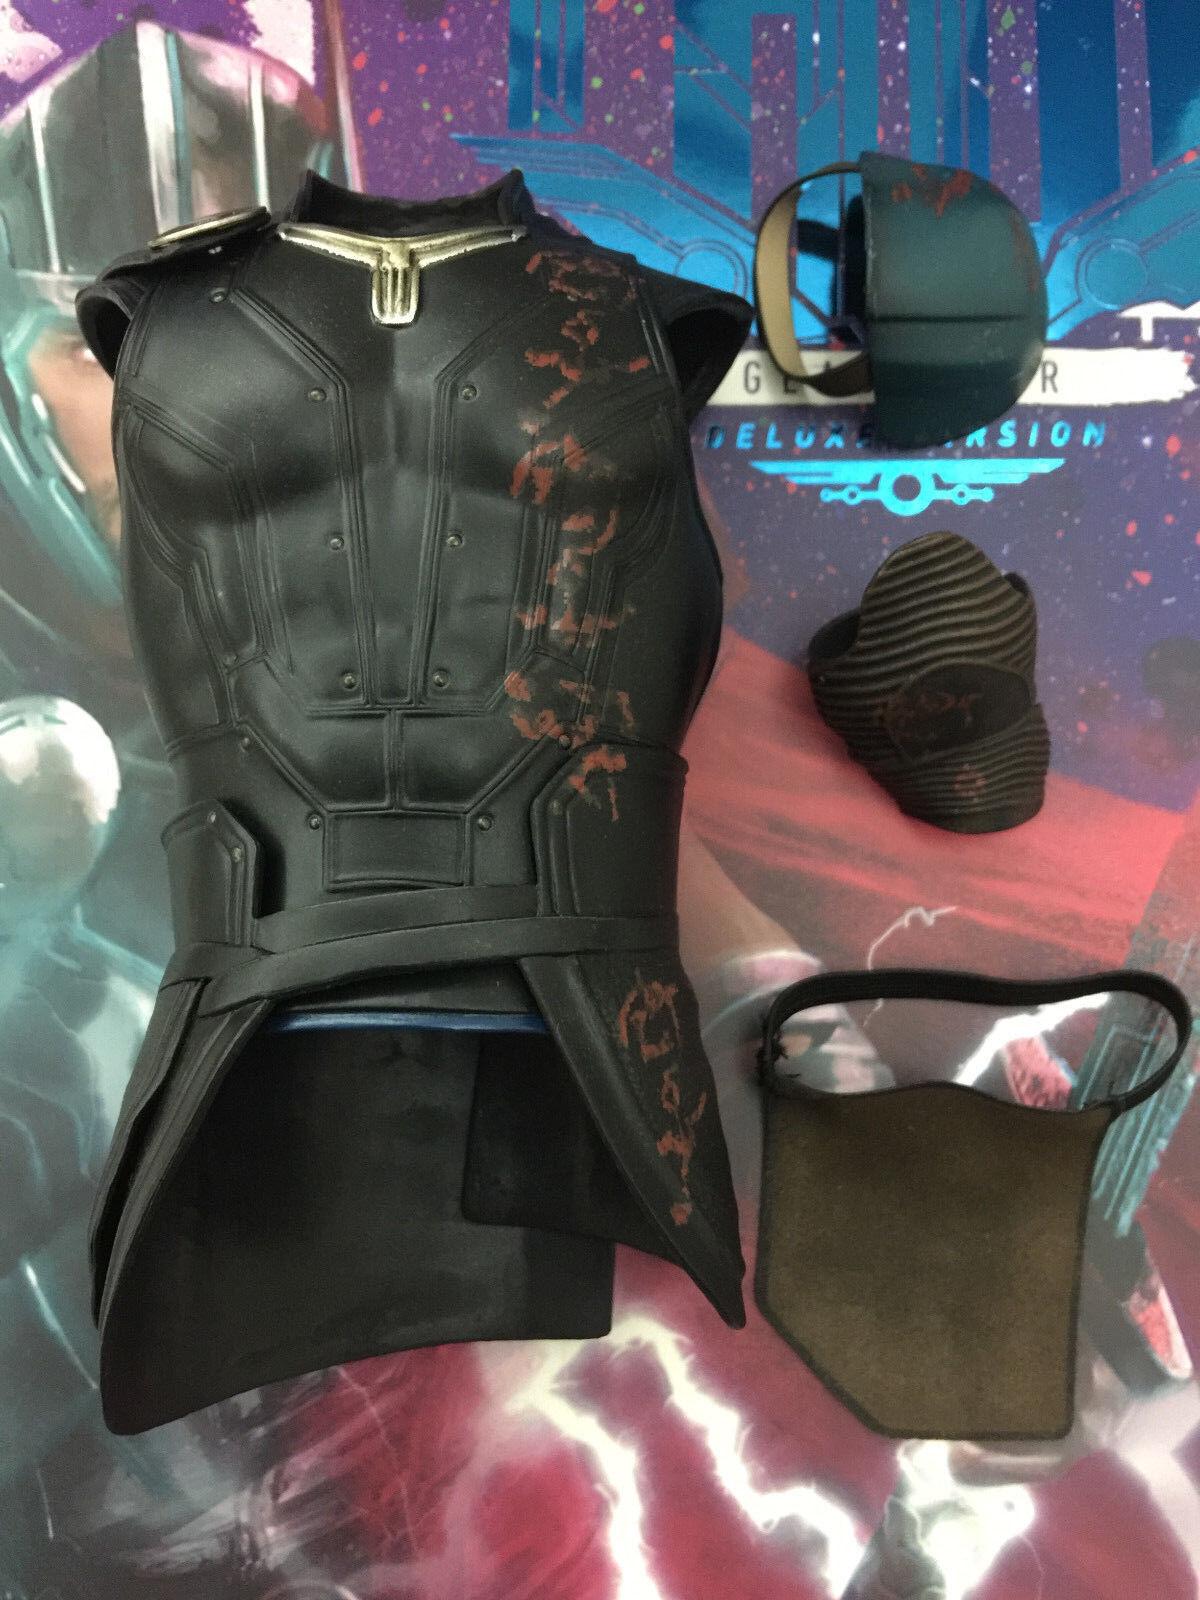 hot toys Gladiator Thor Ragnarok MMS445 Deluxe - Chest armor